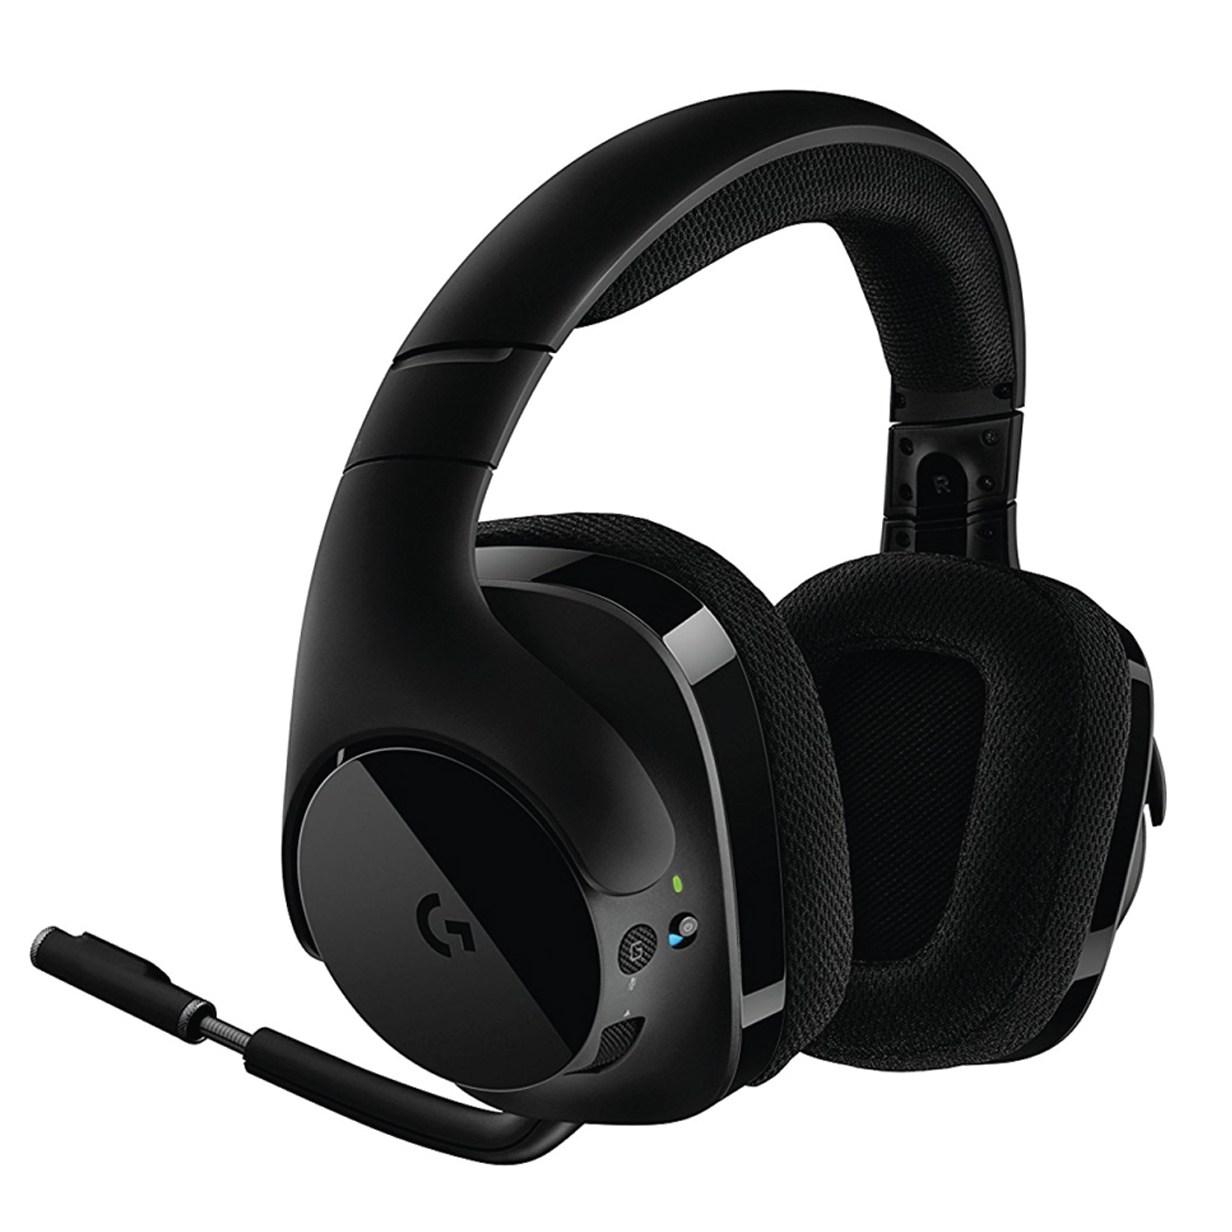 로지텍 서라운드사운드 게임 헤드셋(G933 G633 G533 G PRO)유 무선 새상품 정품 미국직배송, 블랙(무선)